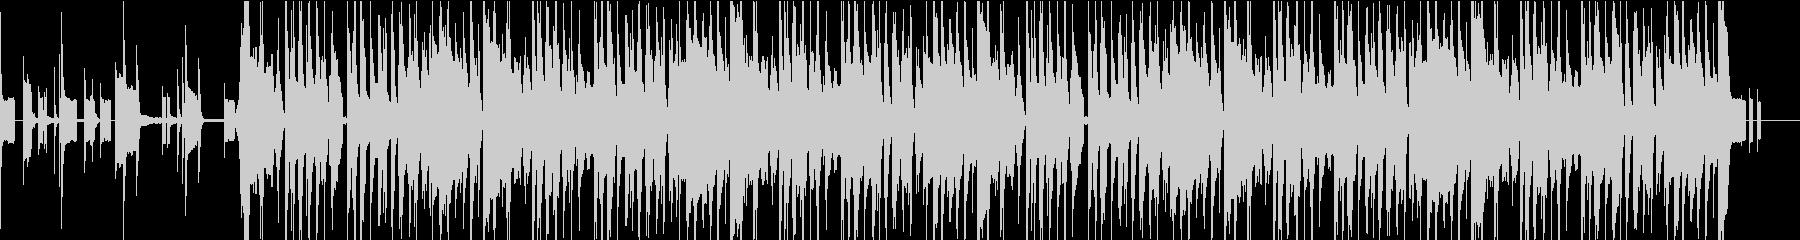 コミカルな楽し気なBGMの未再生の波形